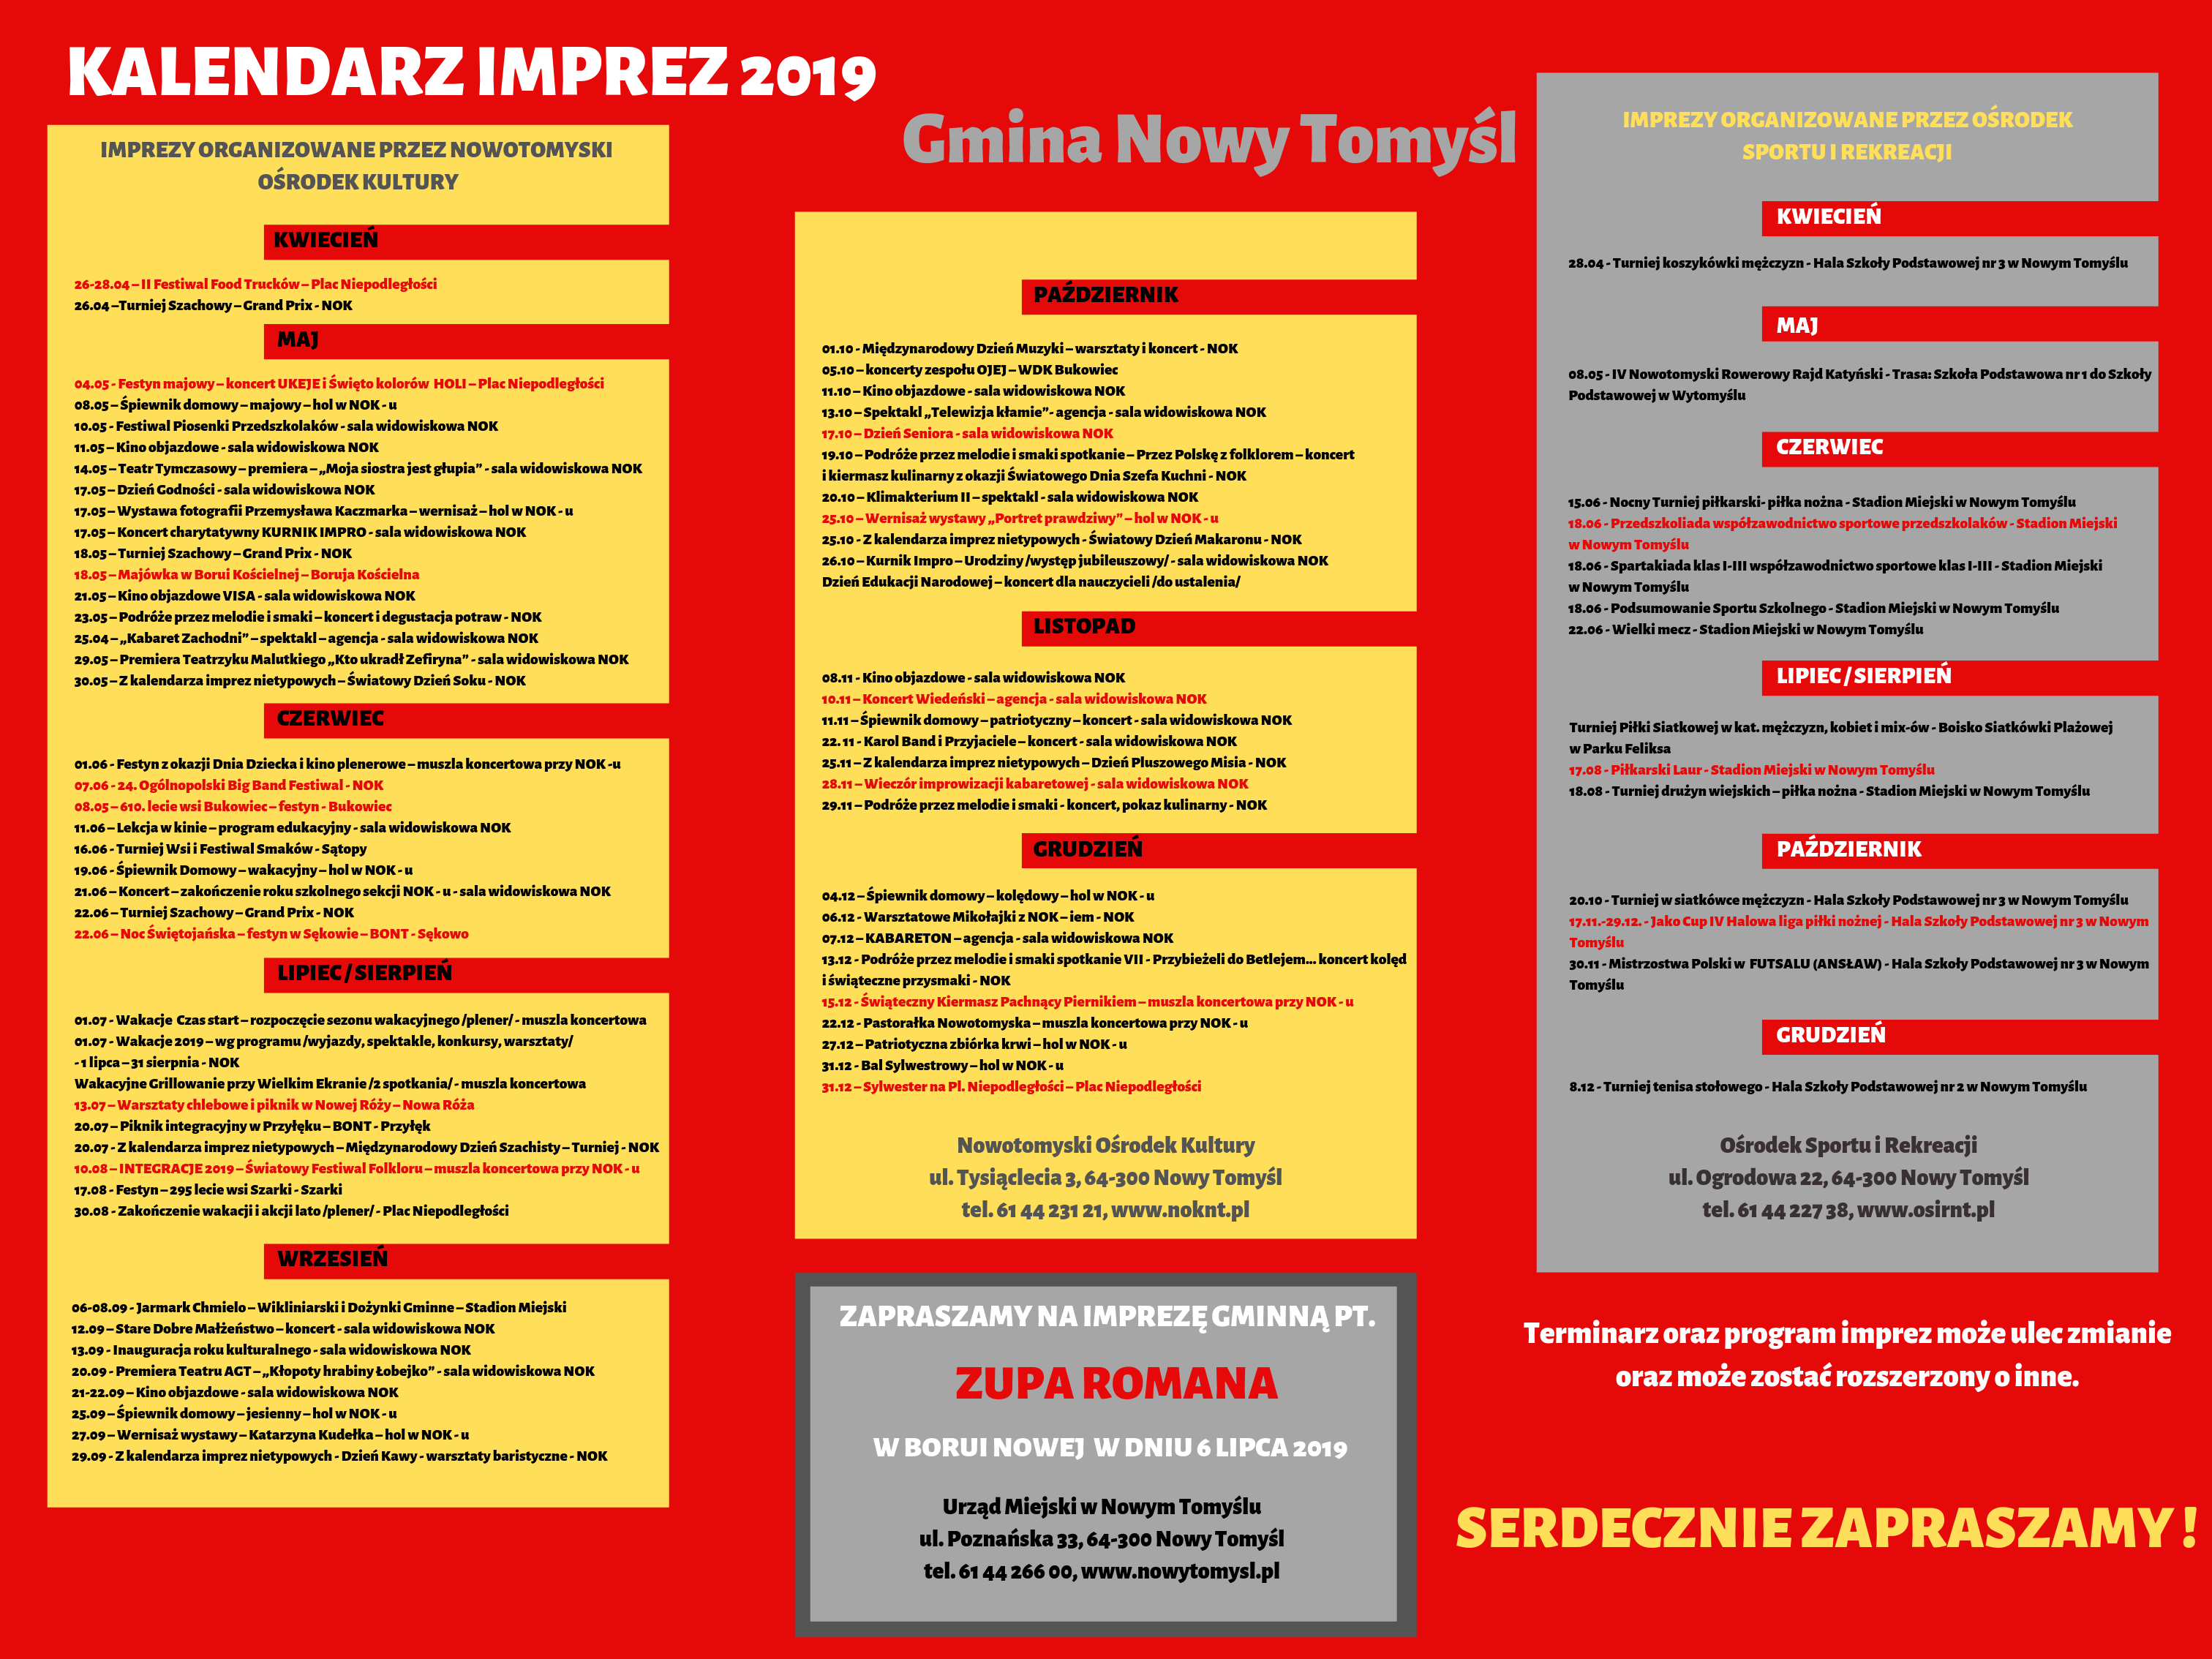 Kalendarz imprez organizowanych w 2019 roku